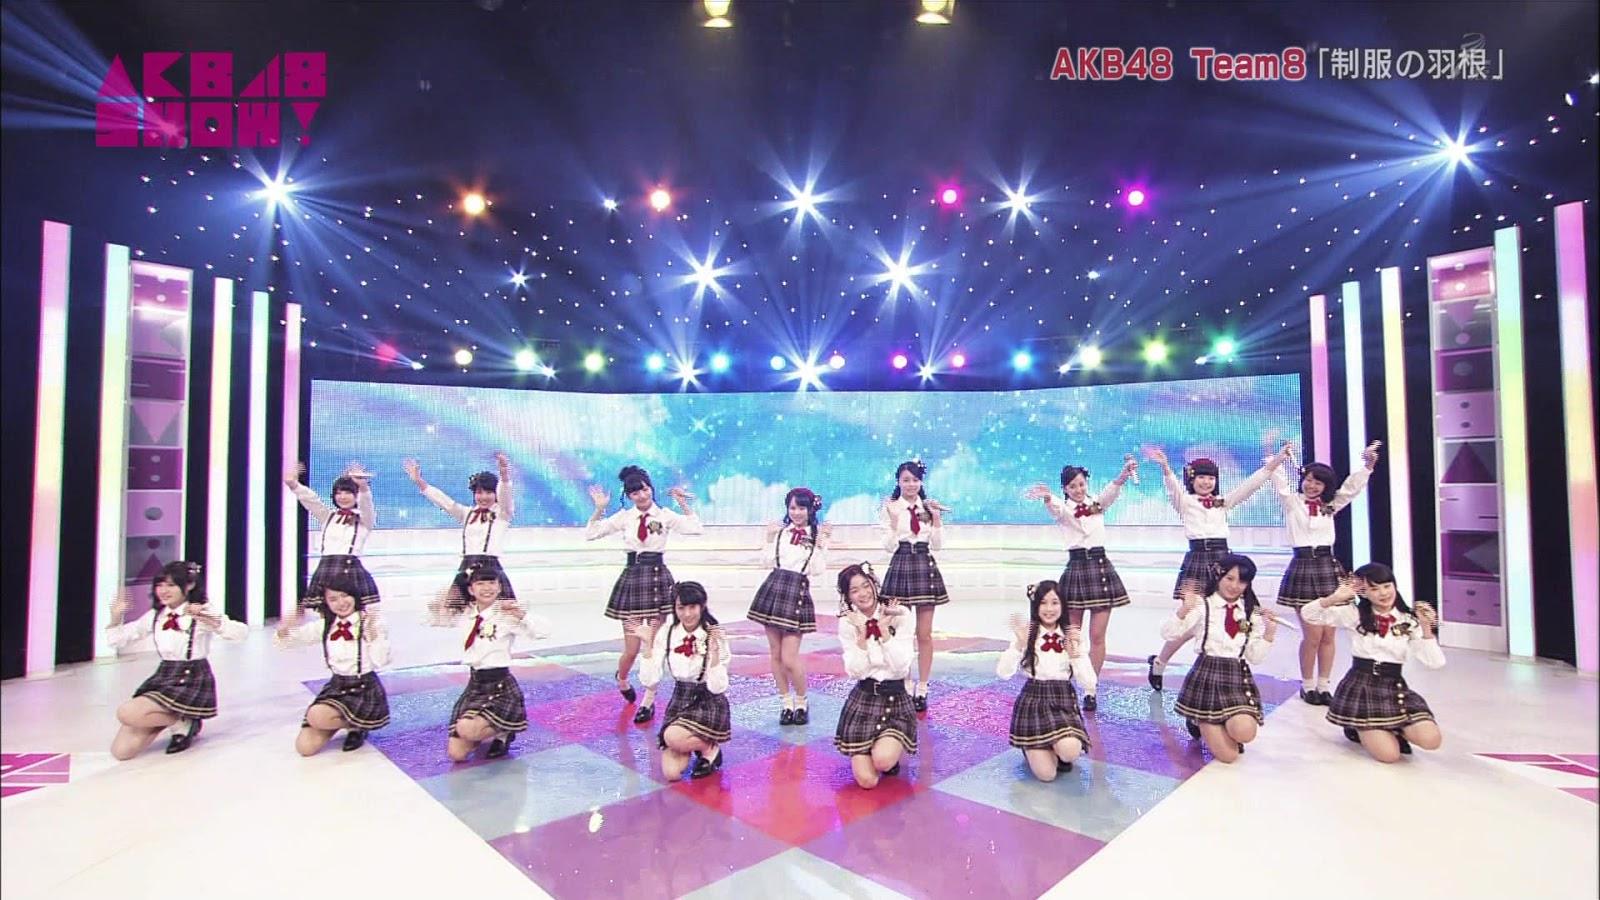 150214 akb48 show akb48 team 8 seifuku no hane team8lounge akb48 team 8 seifuku no hane thecheapjerseys Gallery